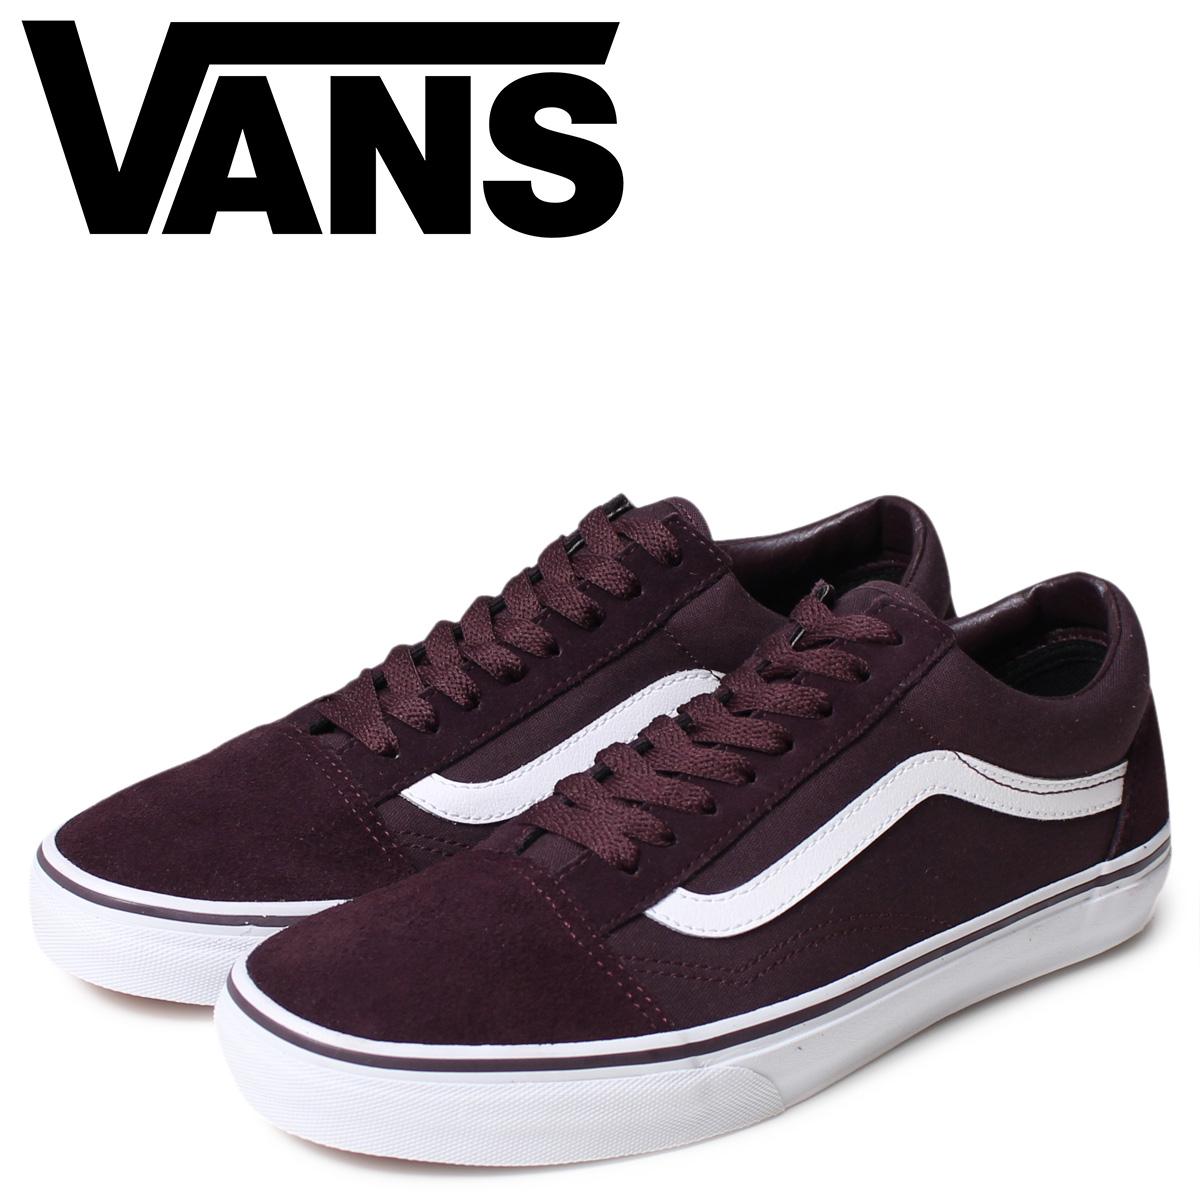 vans basic